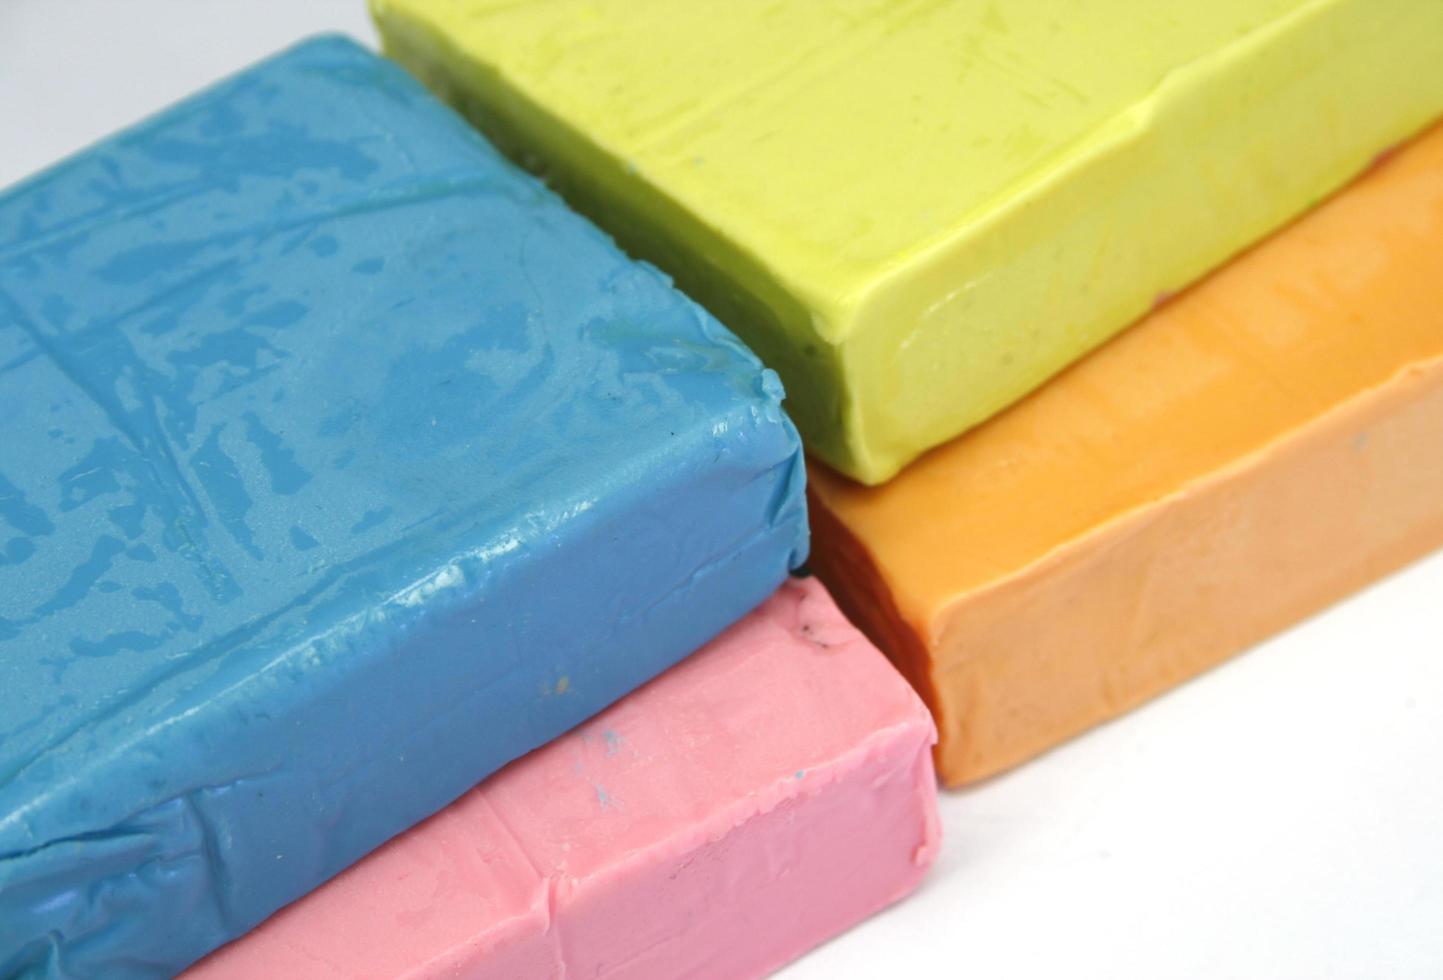 plastilina de colores aislado en blanco foto